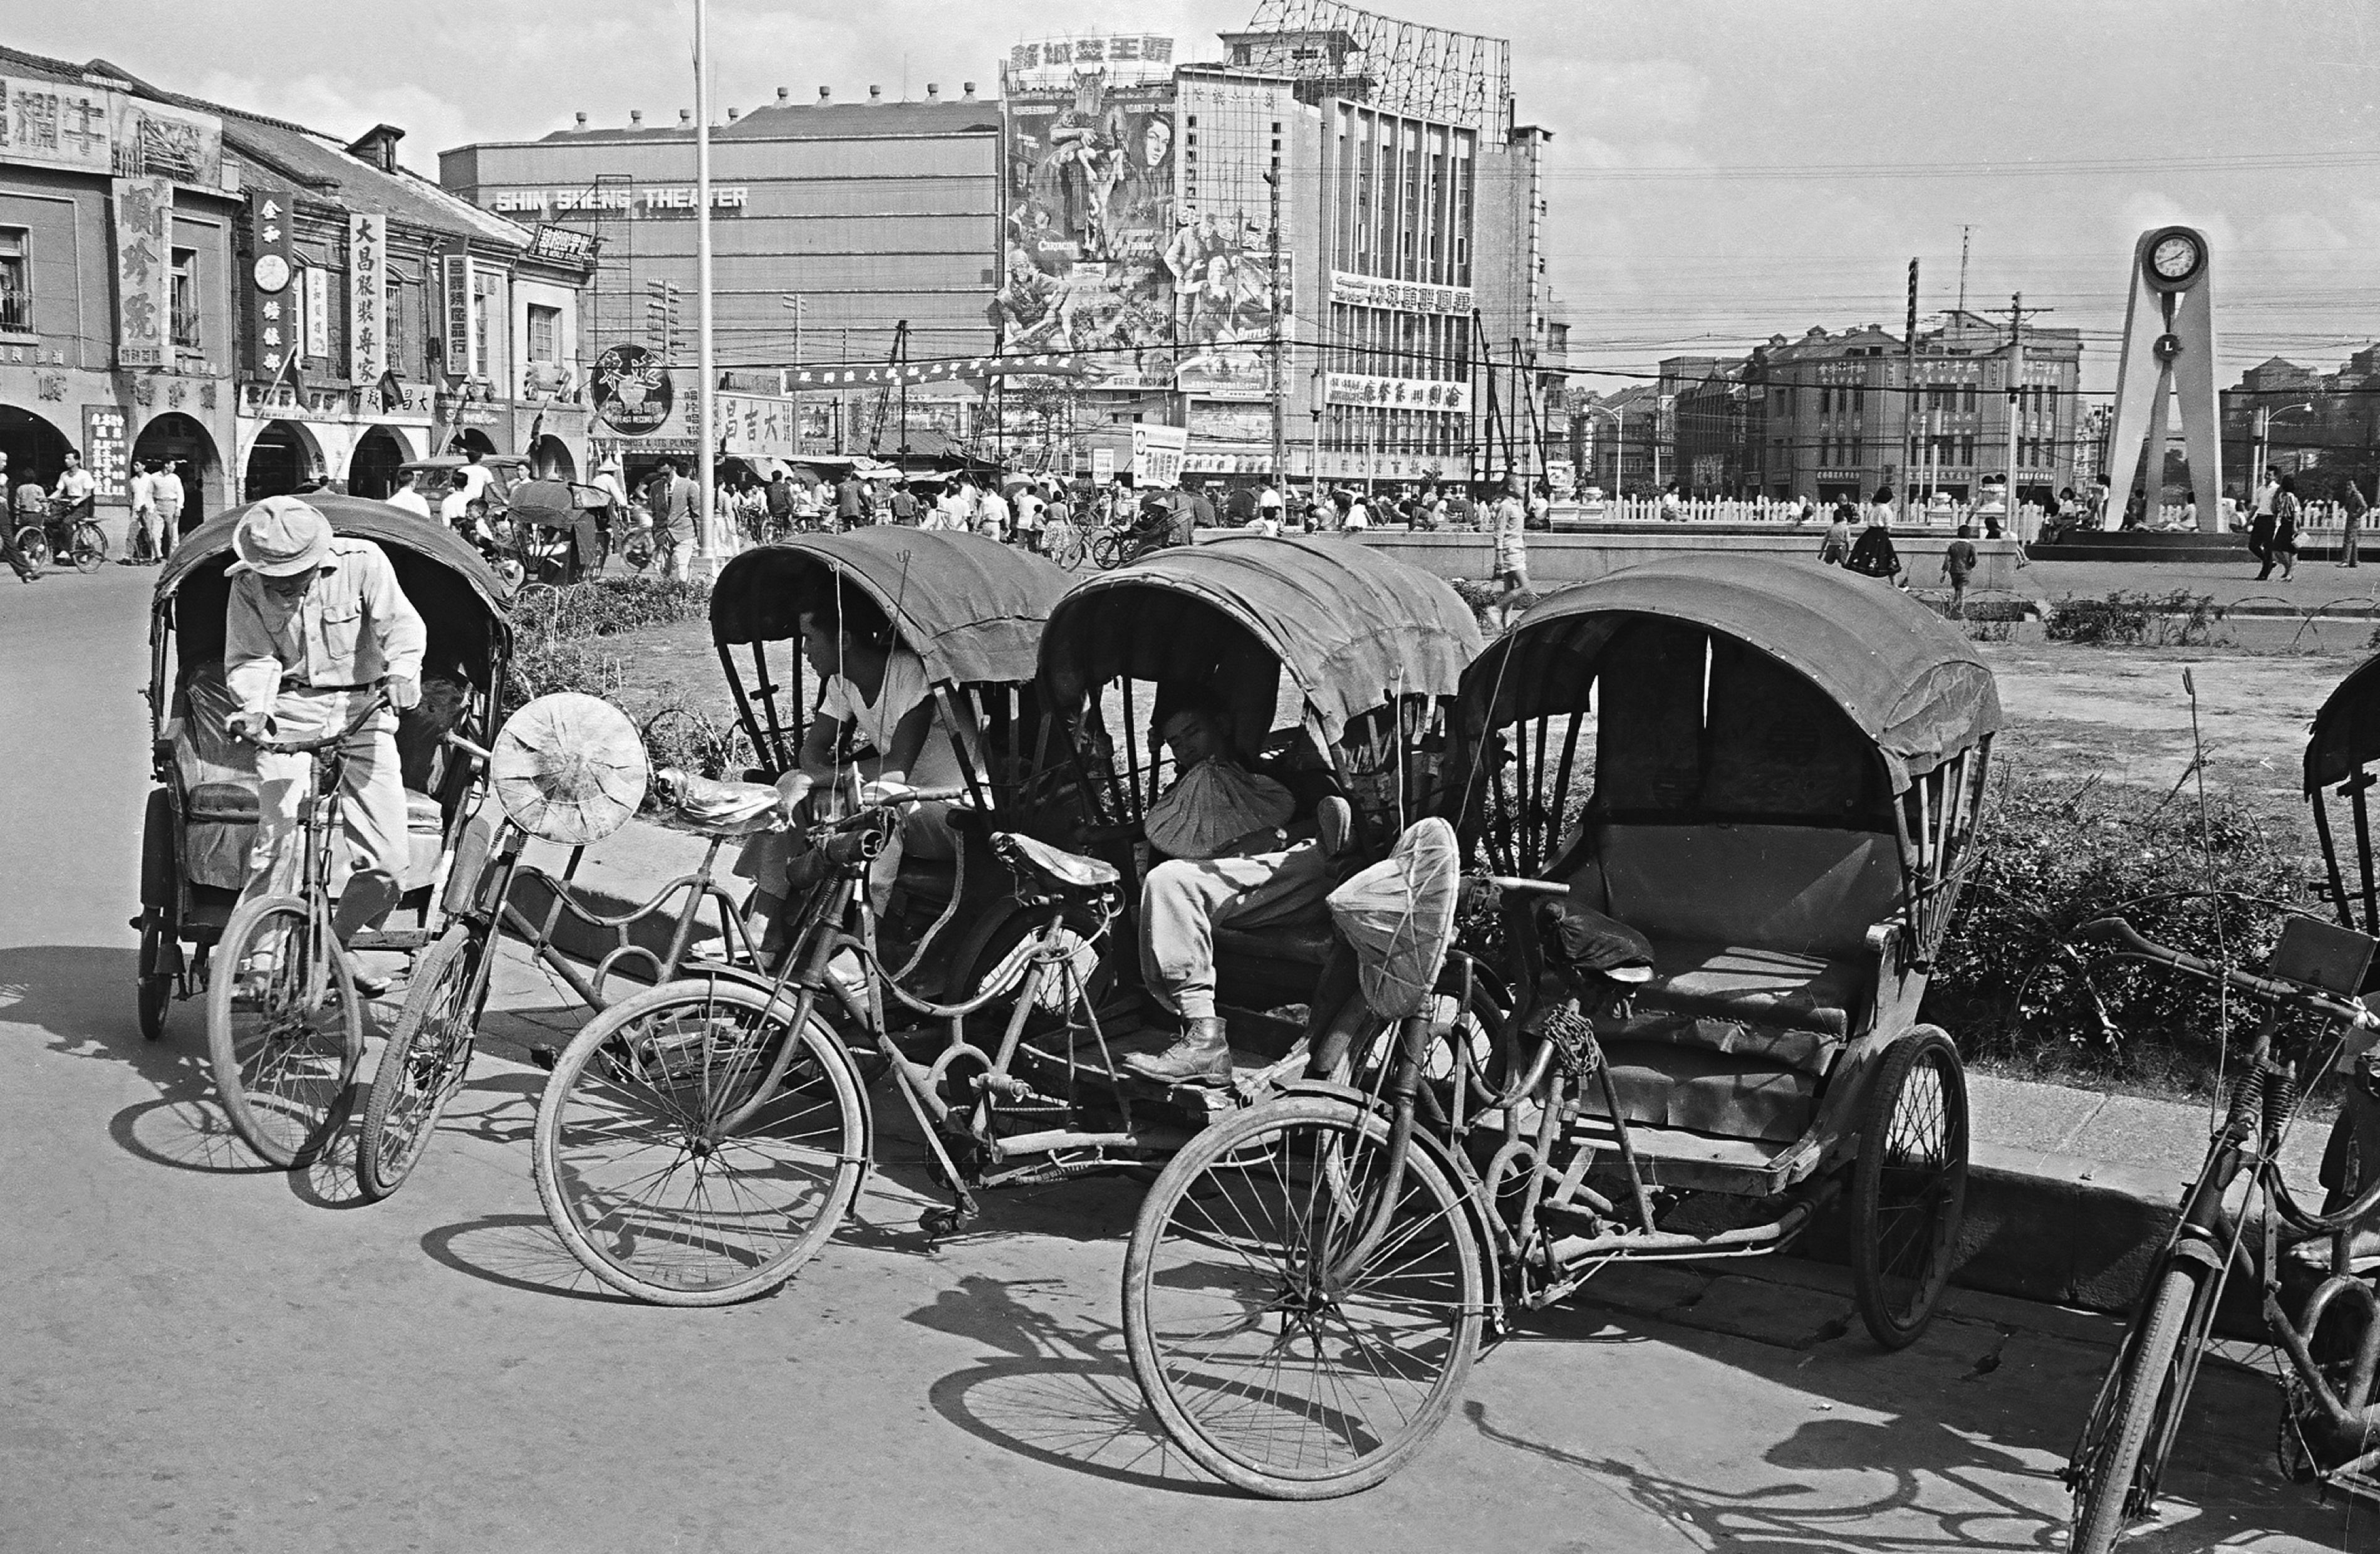 圖中幾輛三輪車正停靠西門圓環旁邊等待客人,背後的大建物則是新生戲院。(另開視窗)